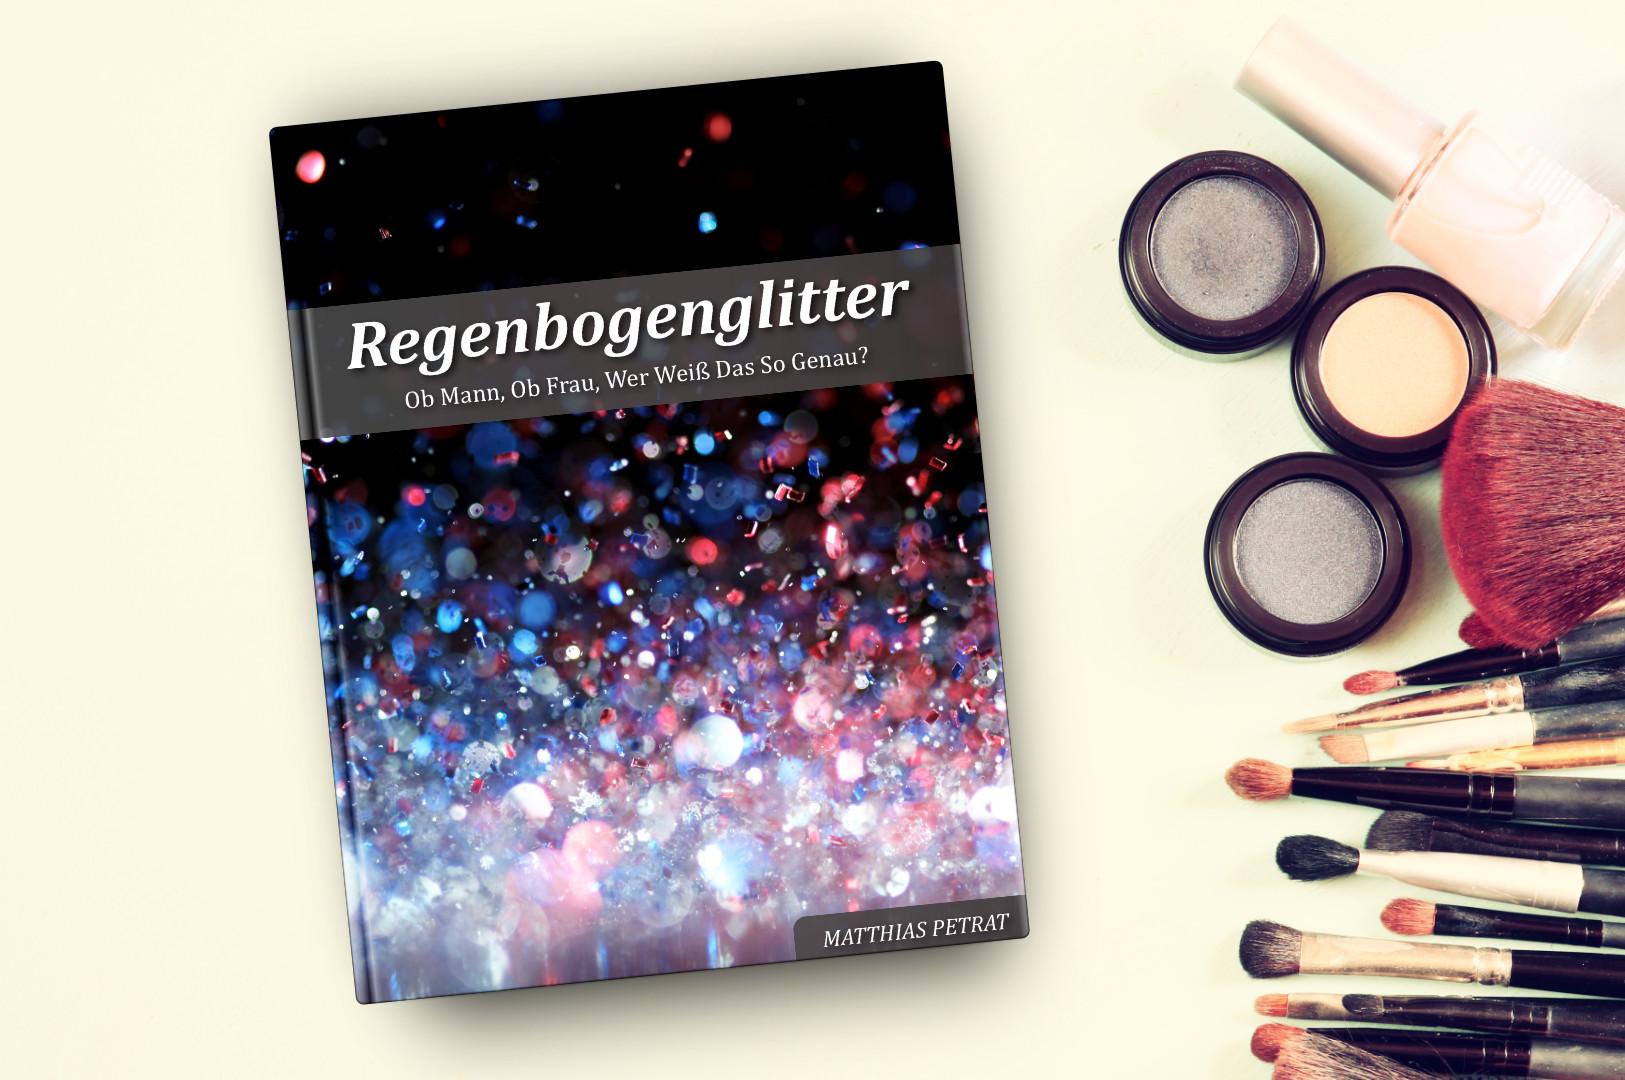 Regenbogenglitter-Illustration-2019-Buchcover-neu Regenbogenglitter - Ob Mann, ob Frau, wer weiß das so genau?